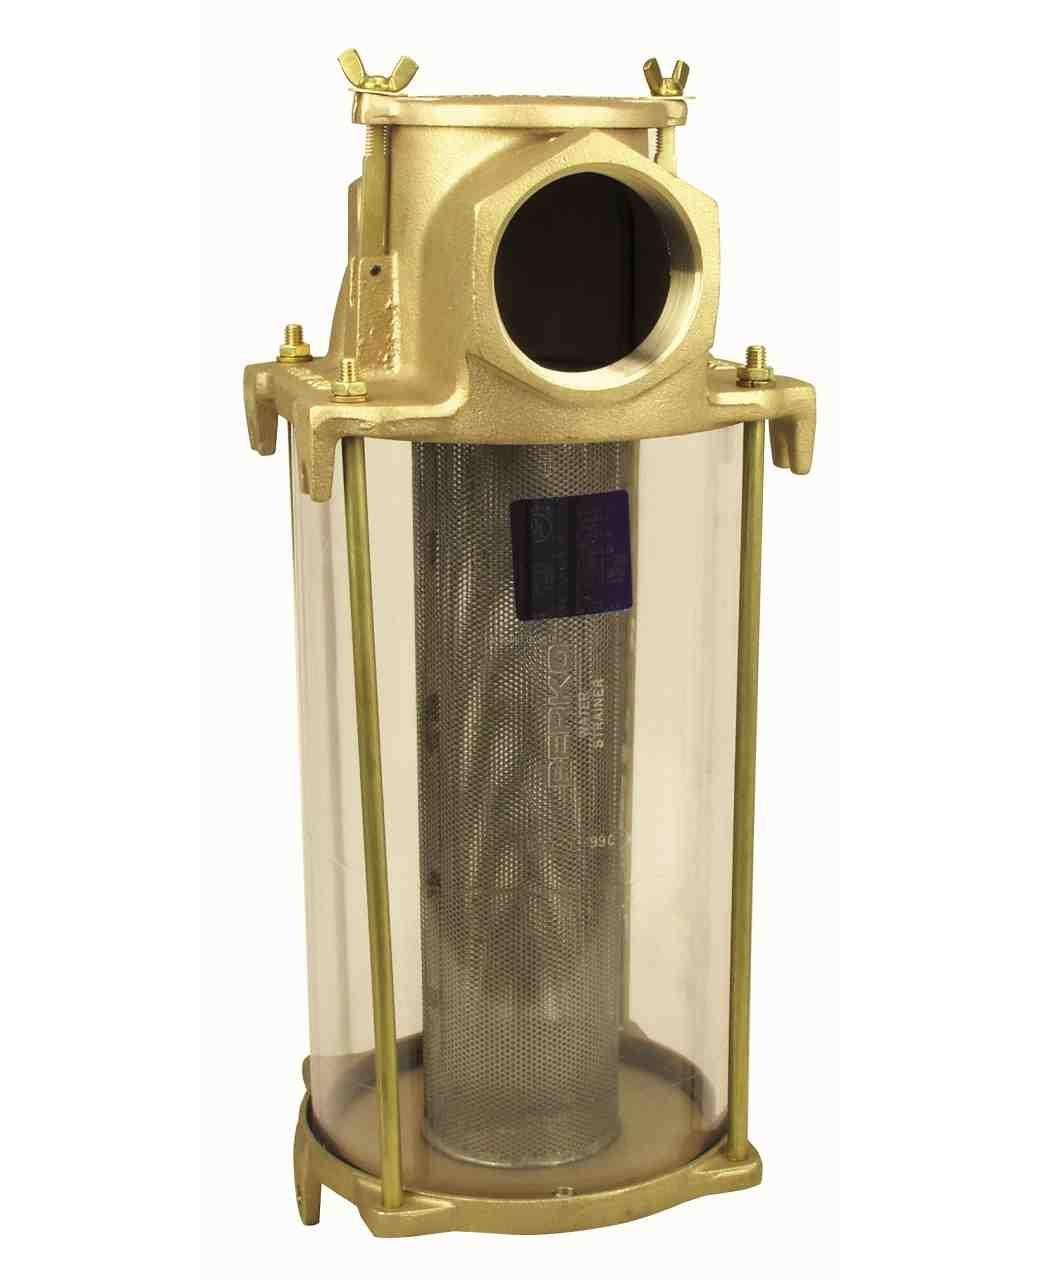 Perko Filtro de agua de entrada grande - Varillas de unión, tuercas y arandelas de repuesto consisten en (1 cada una para la serie 0500)